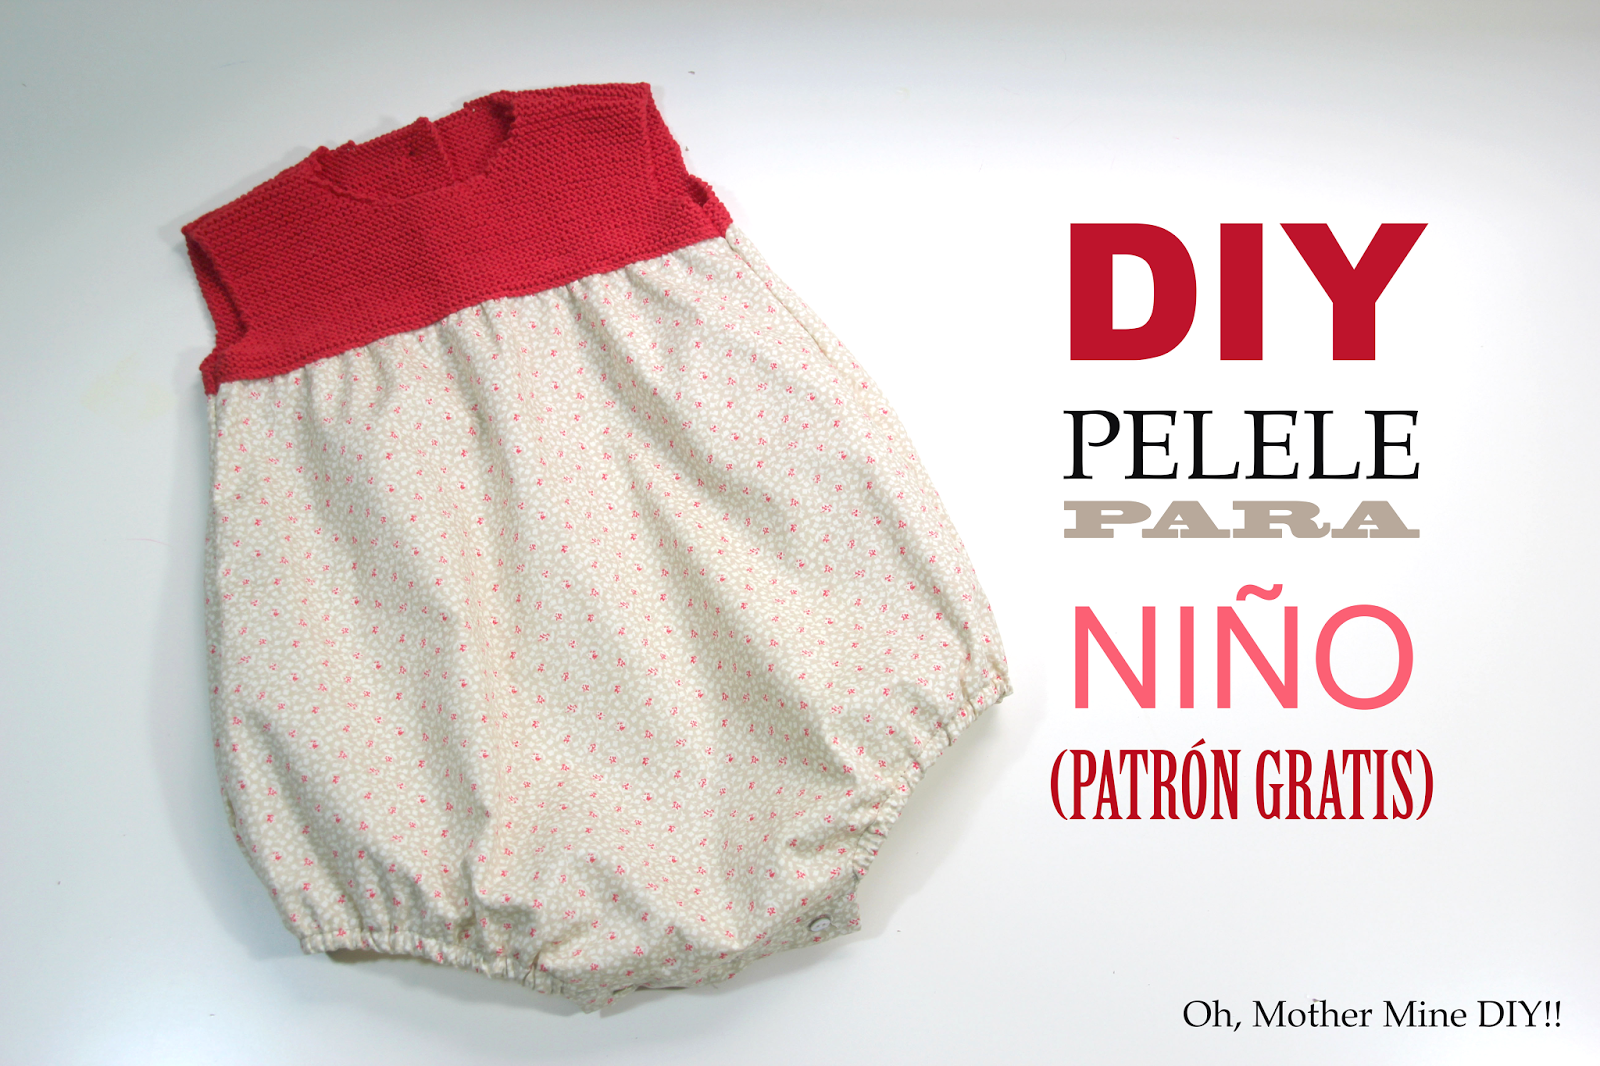 DIY Cupcake Holders | Ropa infantil | Pinterest | Bebe, Ropa bebe y ...